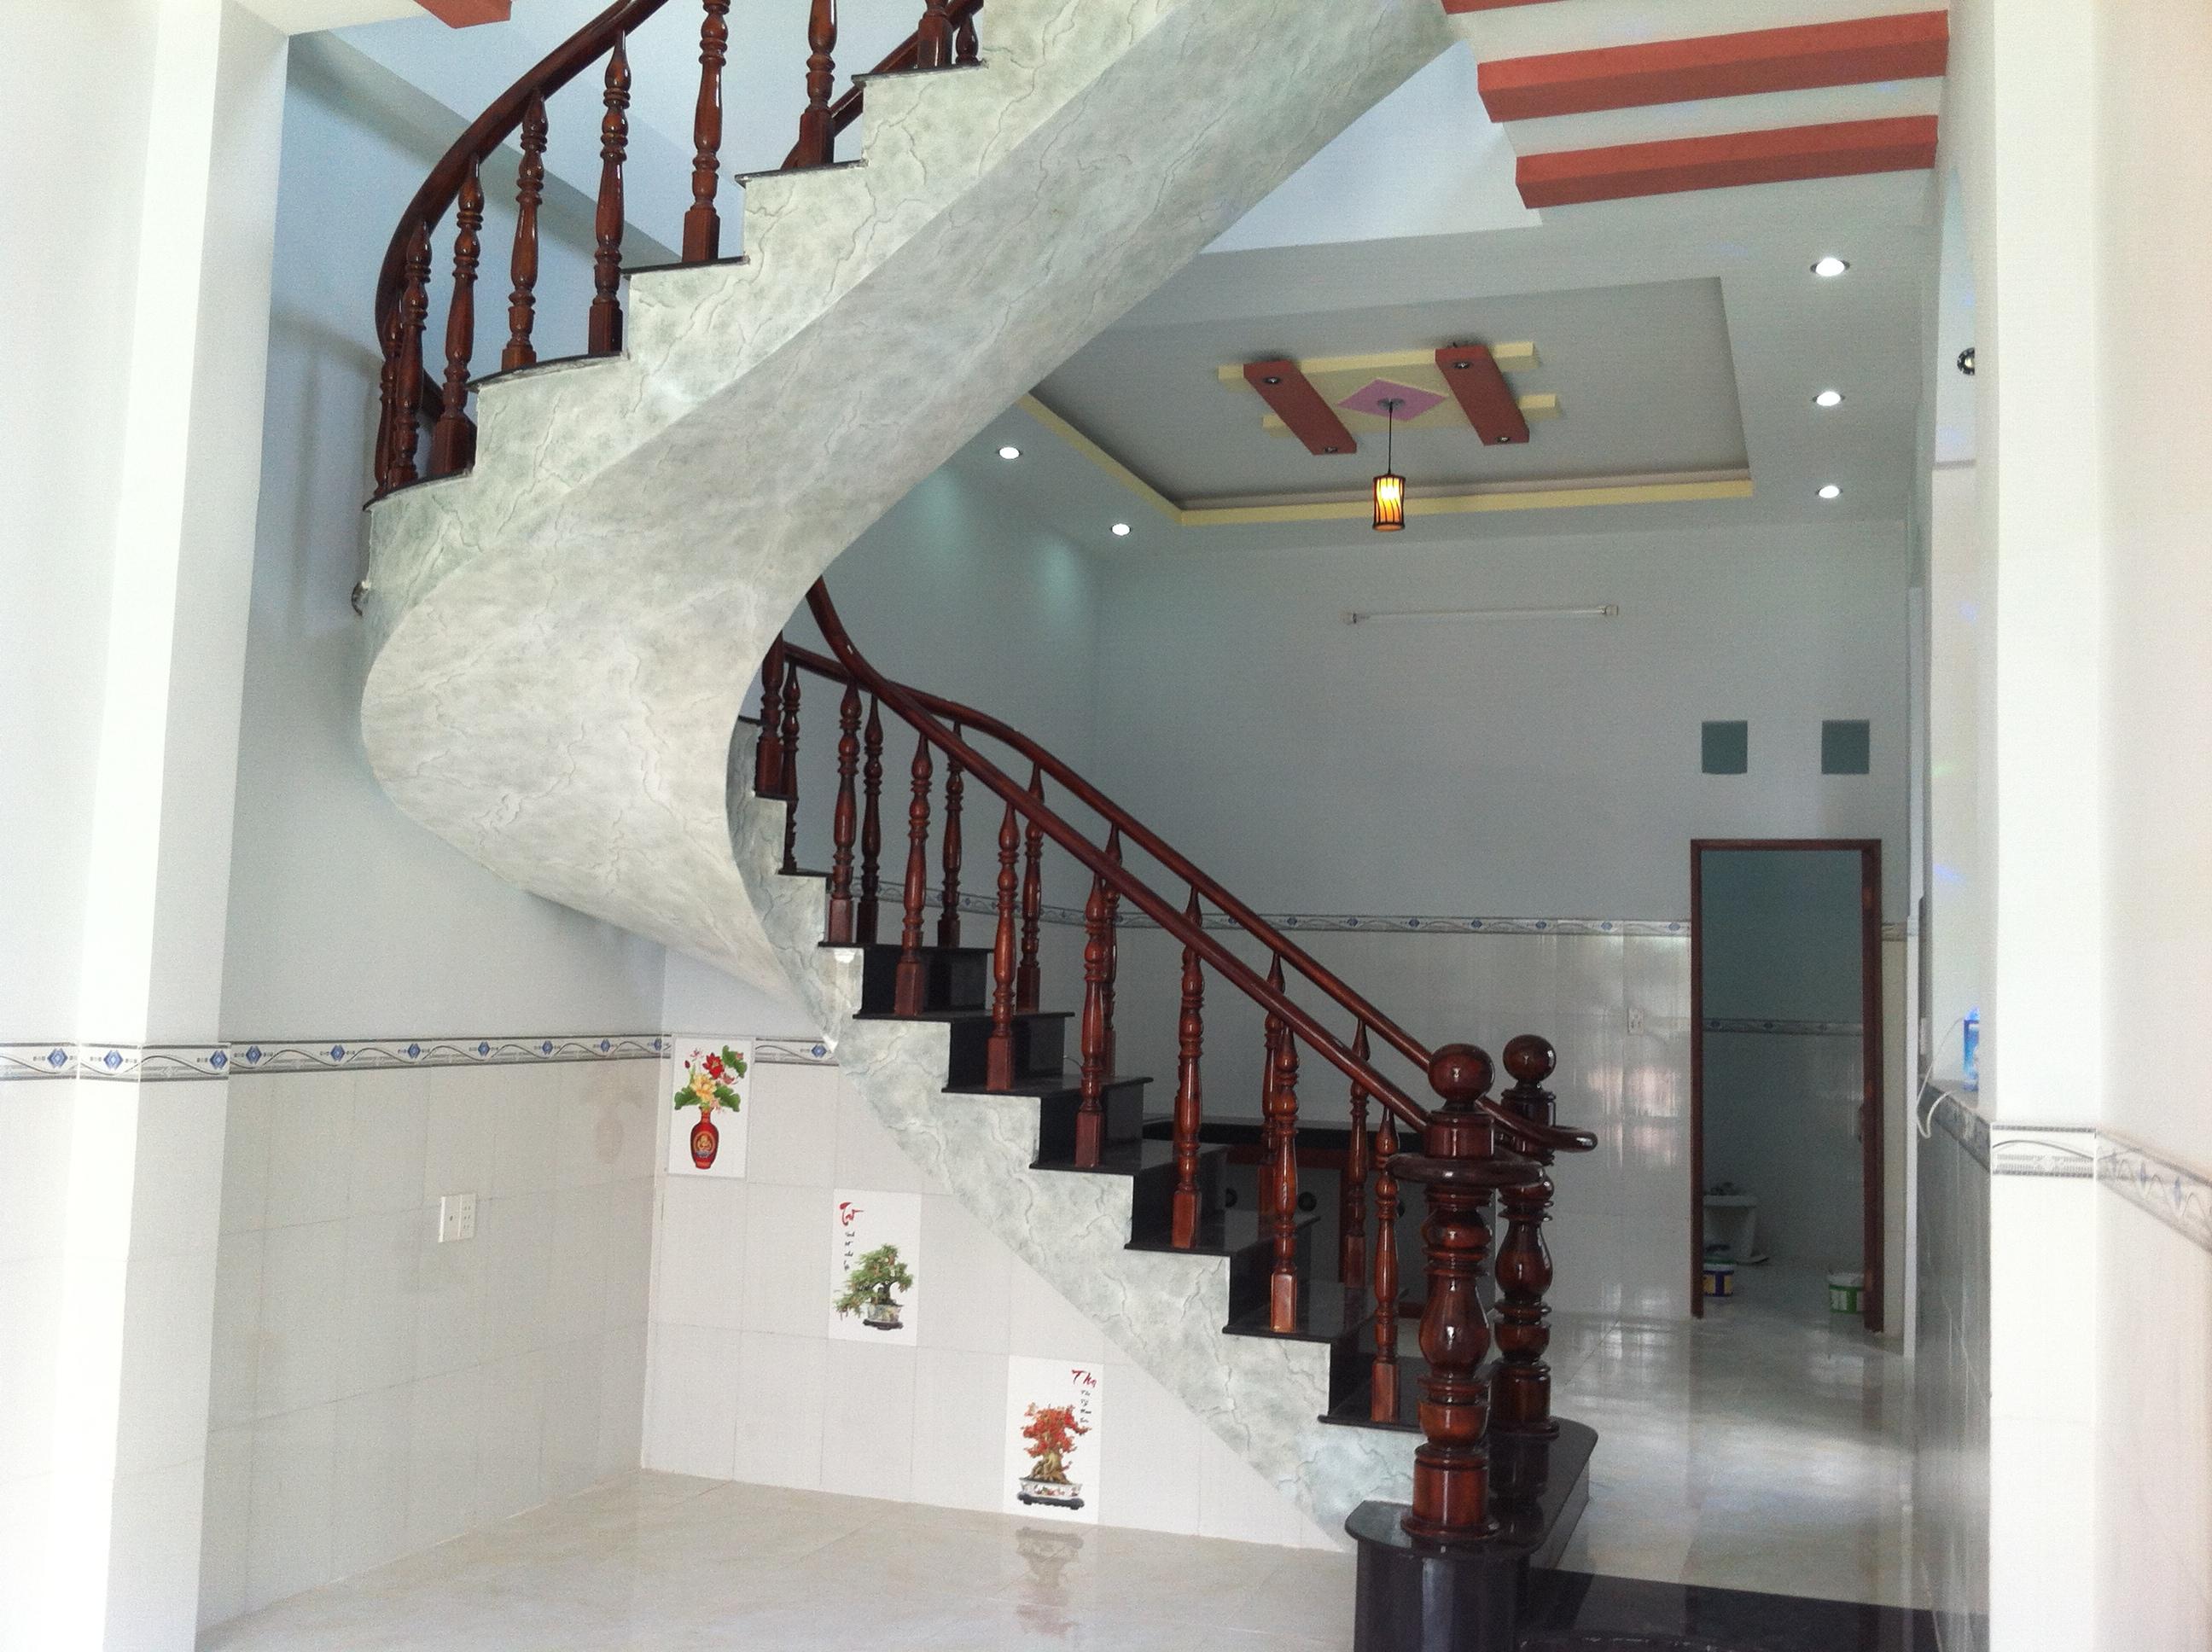 Cầu thang nhà thiết kế đẹp, hiện đại ở dĩ an bình dương